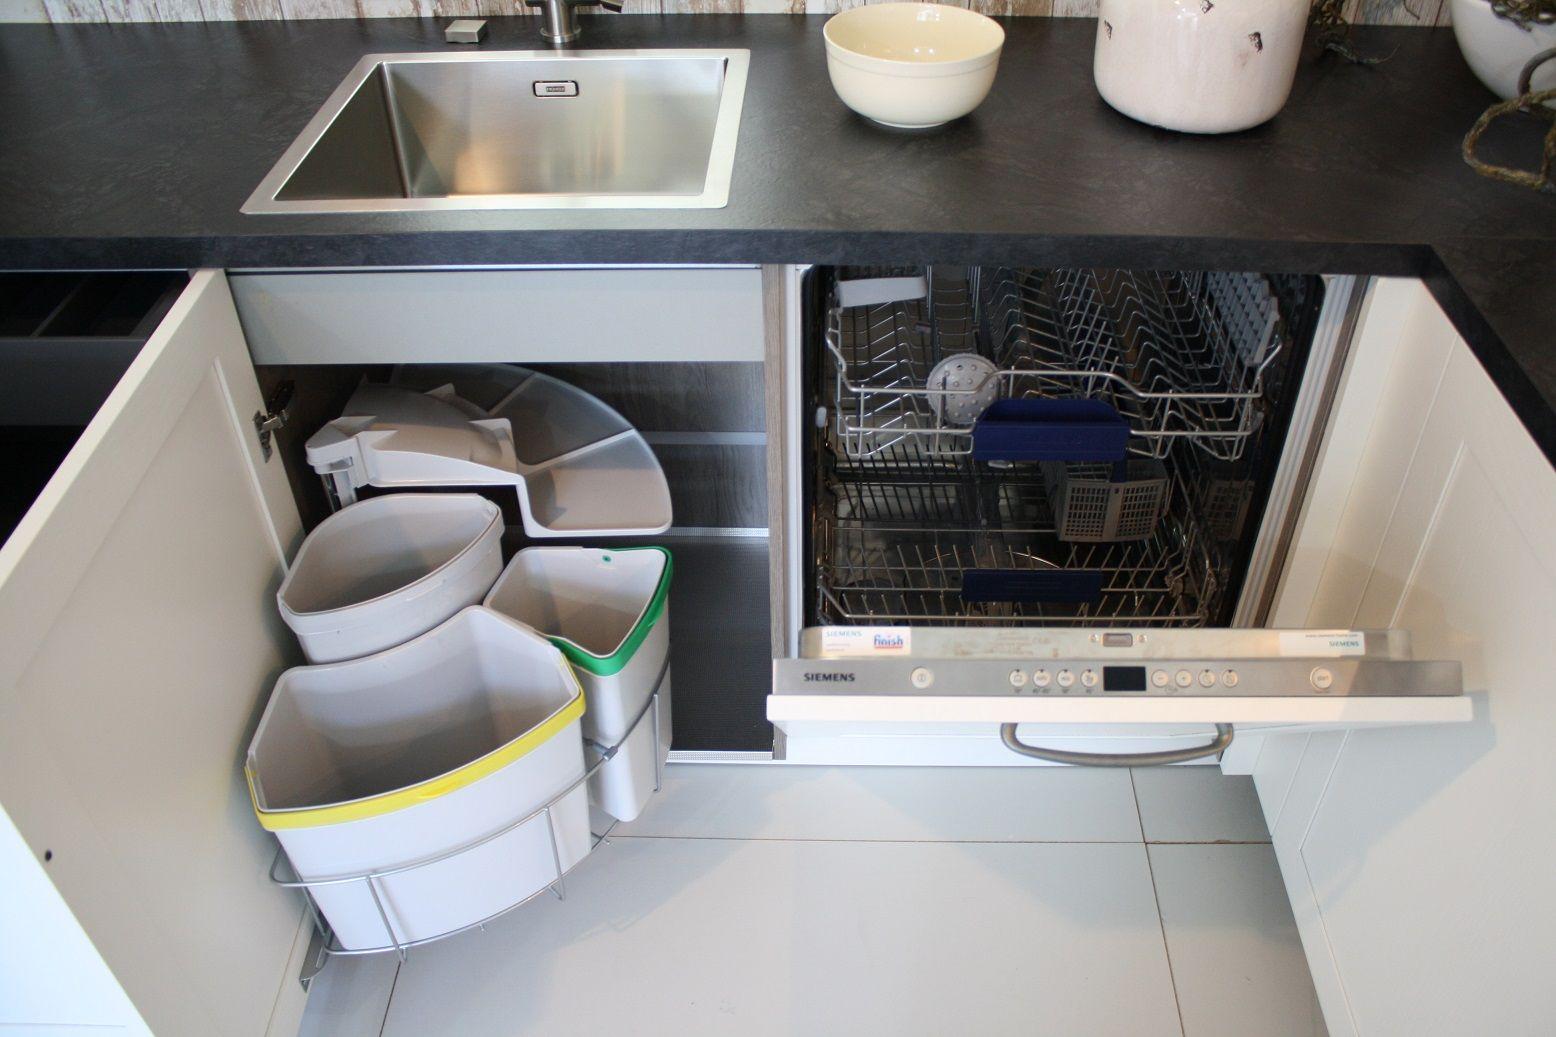 Landelijk Hoek Keuken : Keukenstekoop het grootste keukenaanbod van nederland